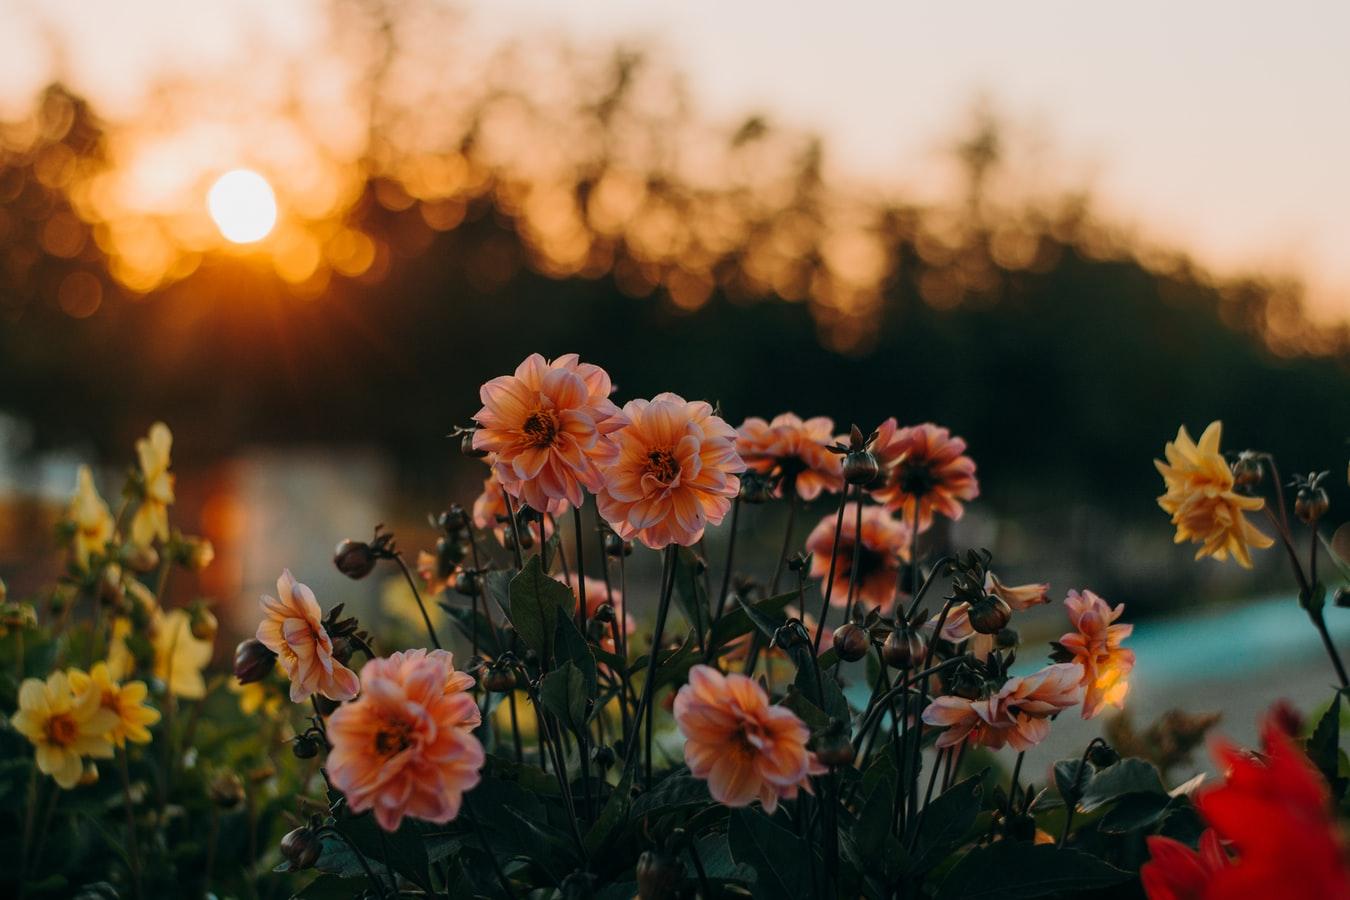 solera1905-px-pedroximenez-flores